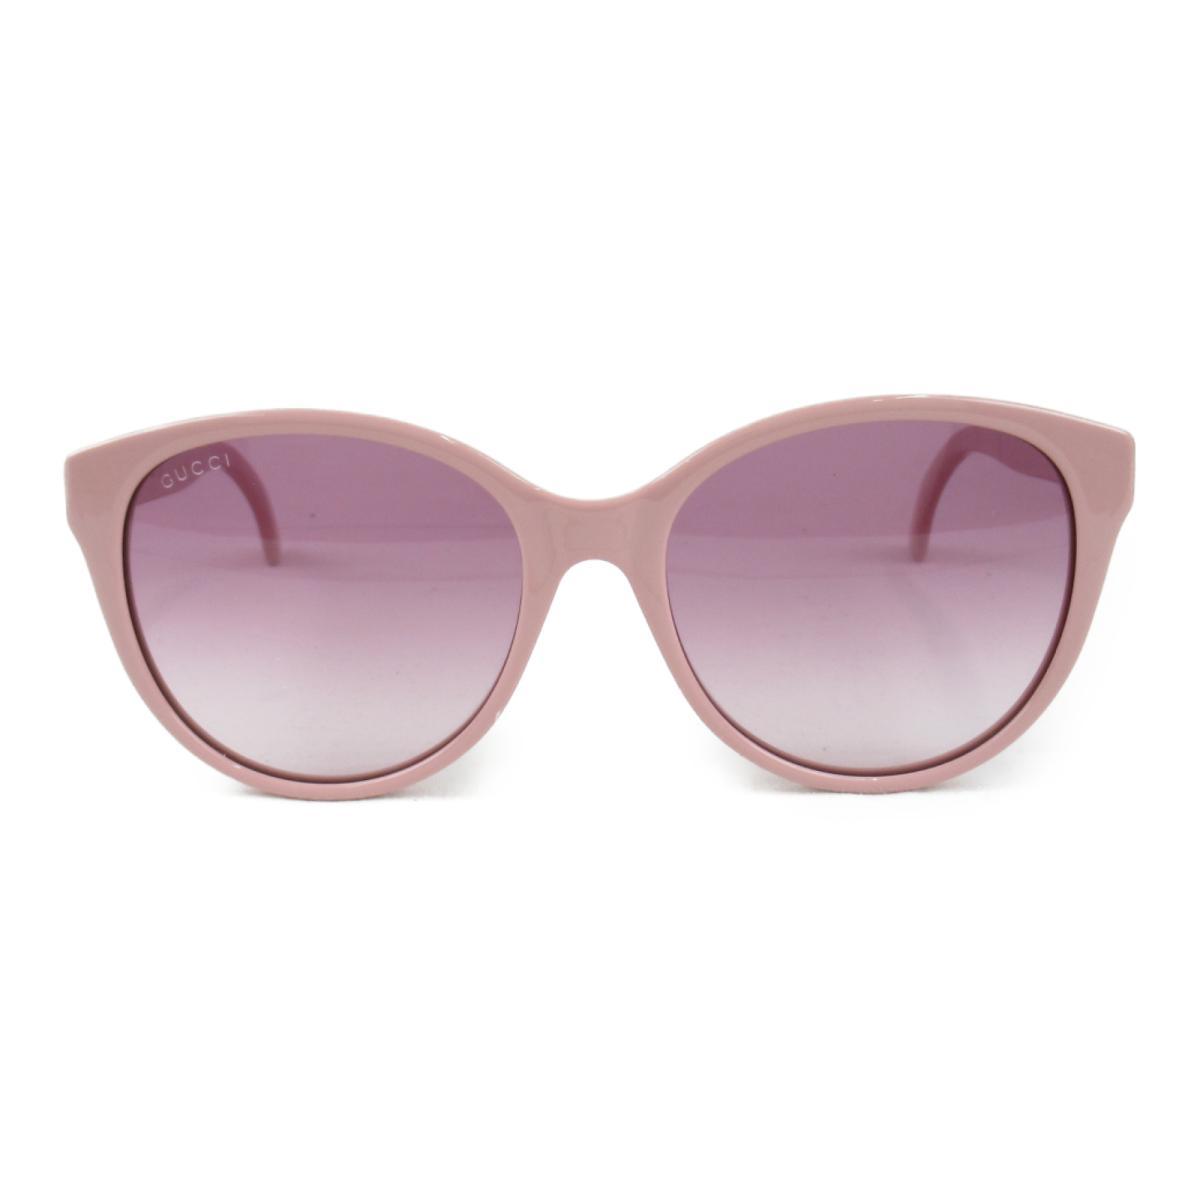 グッチ サングラス メンズ レディース レンズ・フレーム・テンプル:プラスチック ピンク x (0631S 4 56ロ18-145) | GUCCI BRANDOFF ブランドオフ ブランド ブランド雑貨 小物 雑貨 眼鏡 メガネ めがね